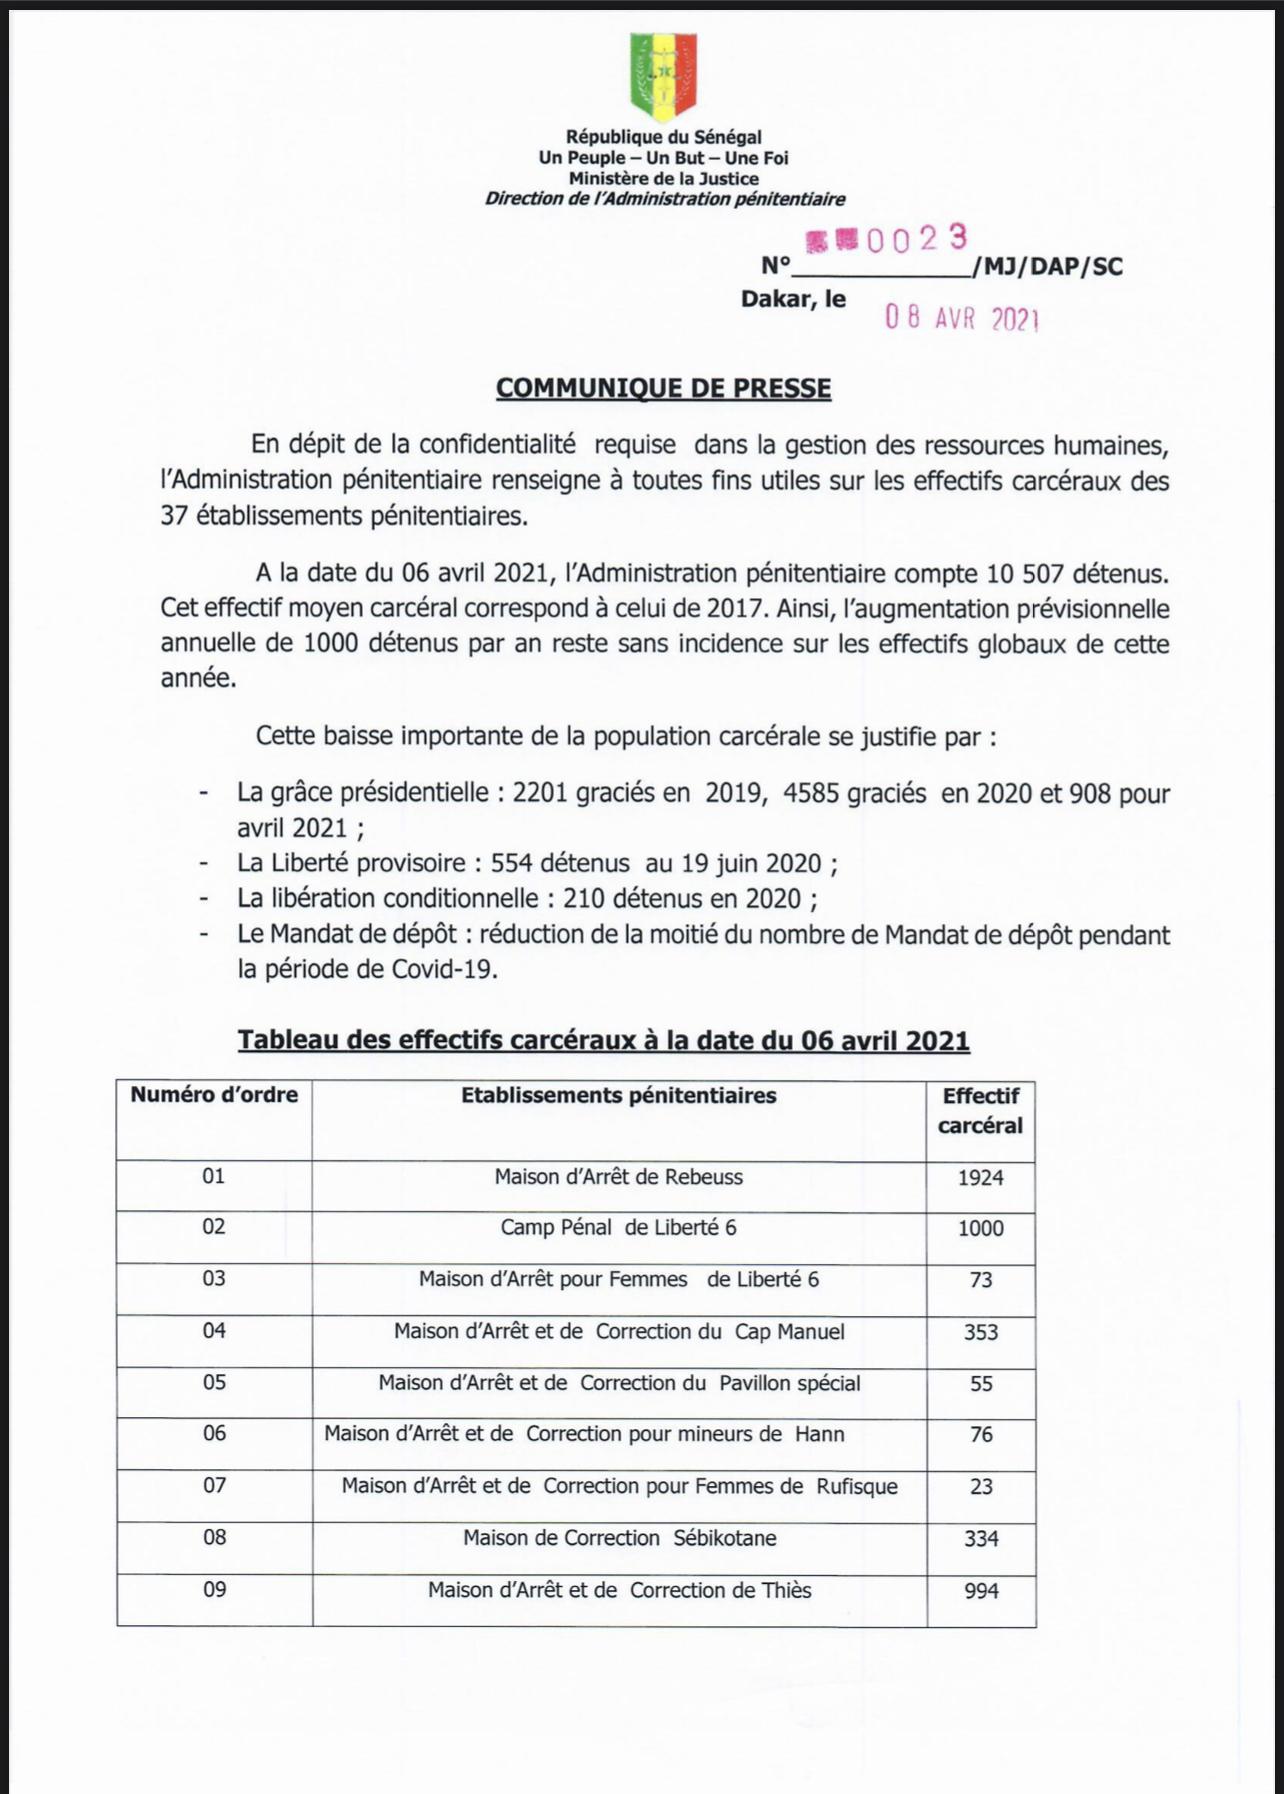 Effectifs carcéraux des 37 établissements pénitentiaires au Sénégal : La DAP décompte 10507 détenus et fait des précisions. (DOCUMENT)